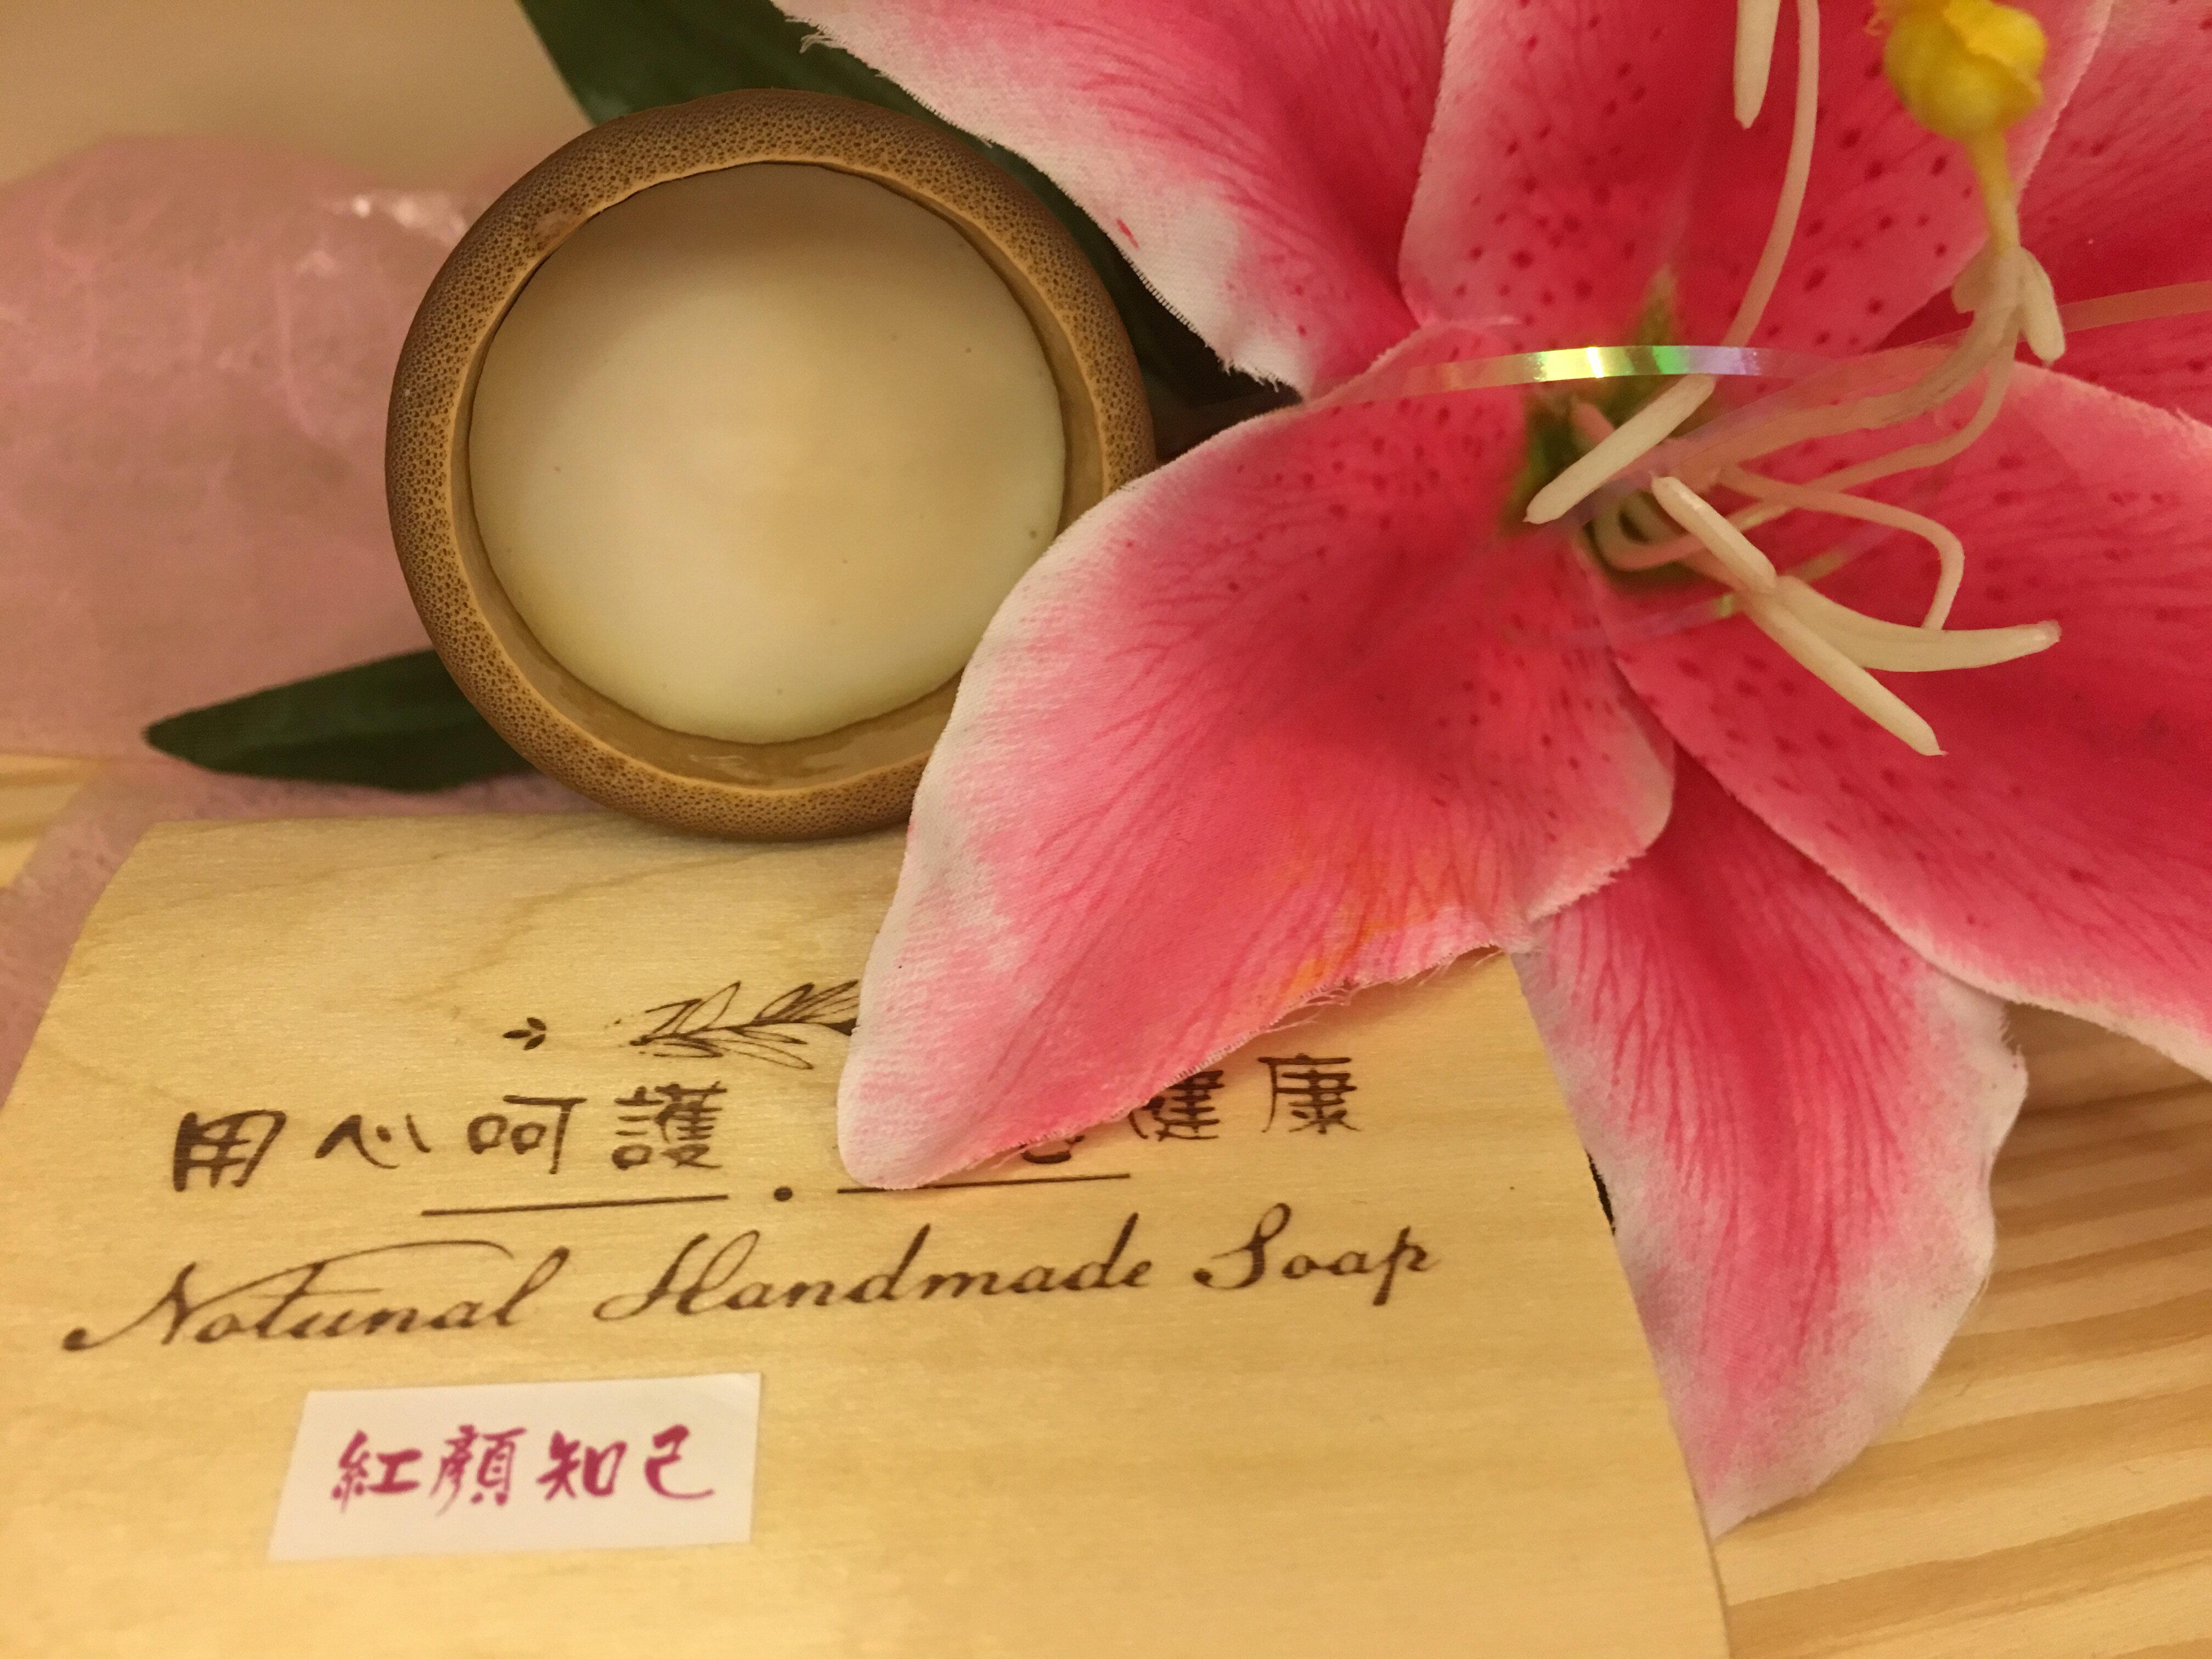 紅顏知己竹筒手工皂 【庭園精品商店】